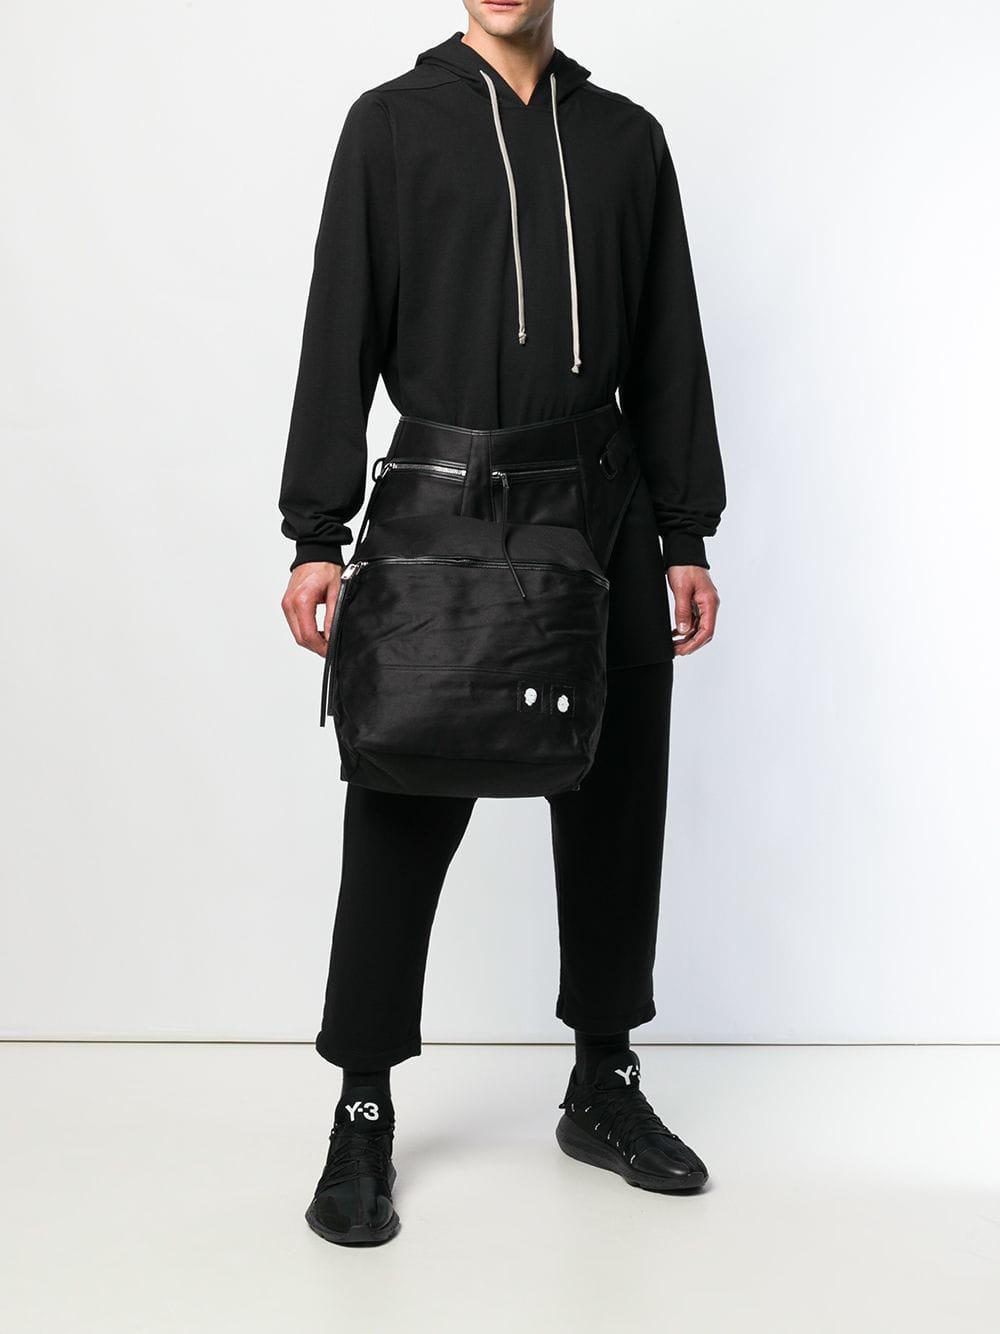 Lyst - Rick Owens Drkshdw Oversized Belt Bag in Black for Men 97a12e4baed2c